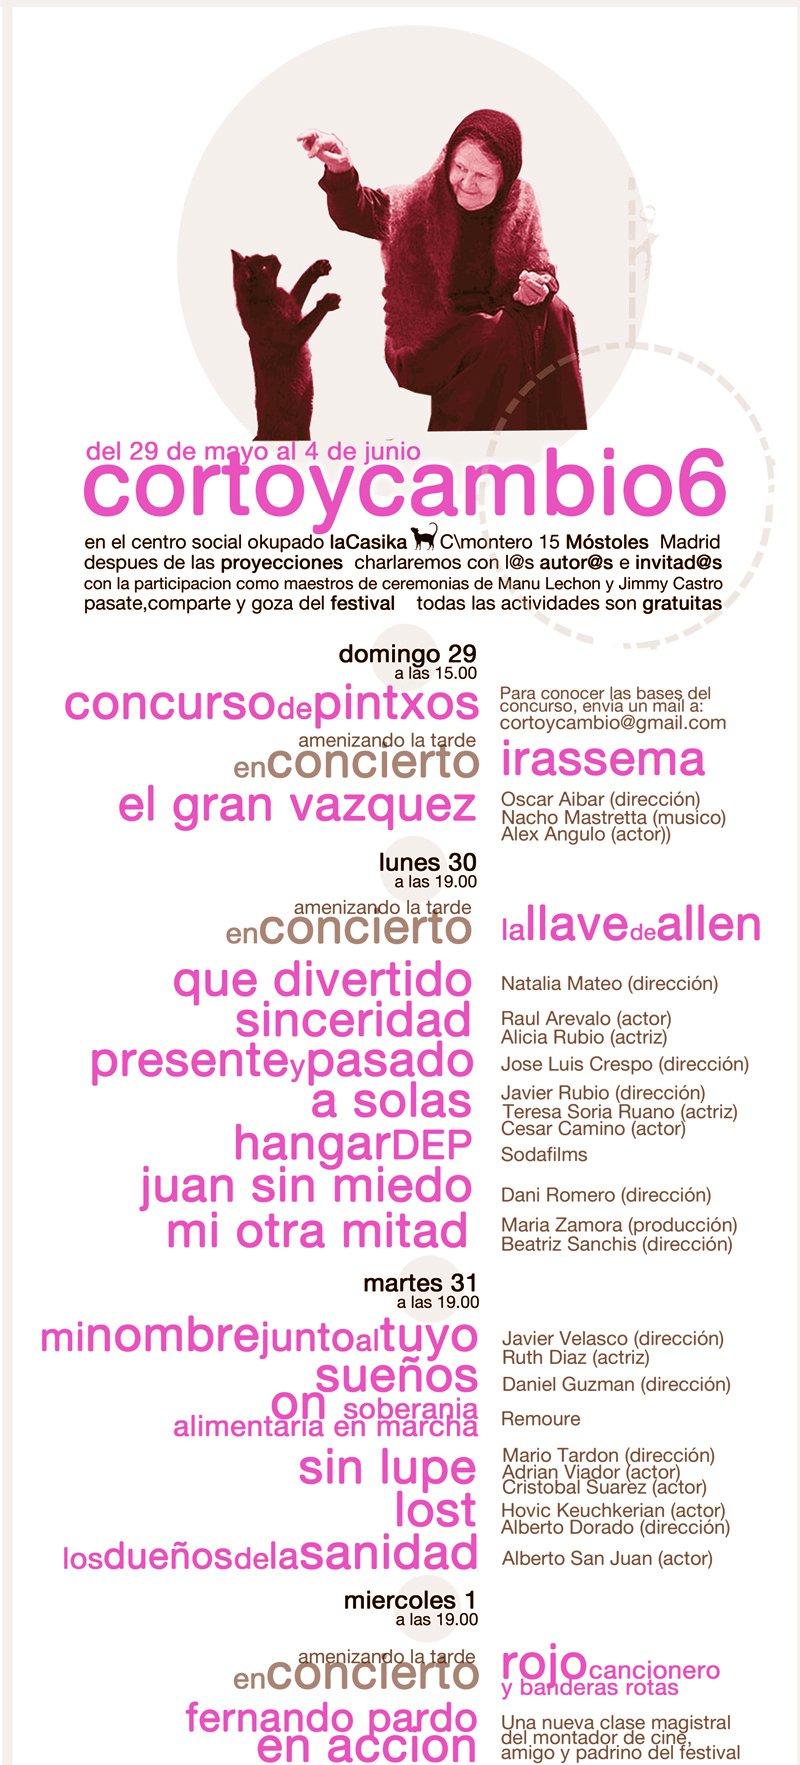 festival encuentro de cortometrajes CORTOYCAMBIO6 - desde el 29 de mayo al 4 de junio de 2011